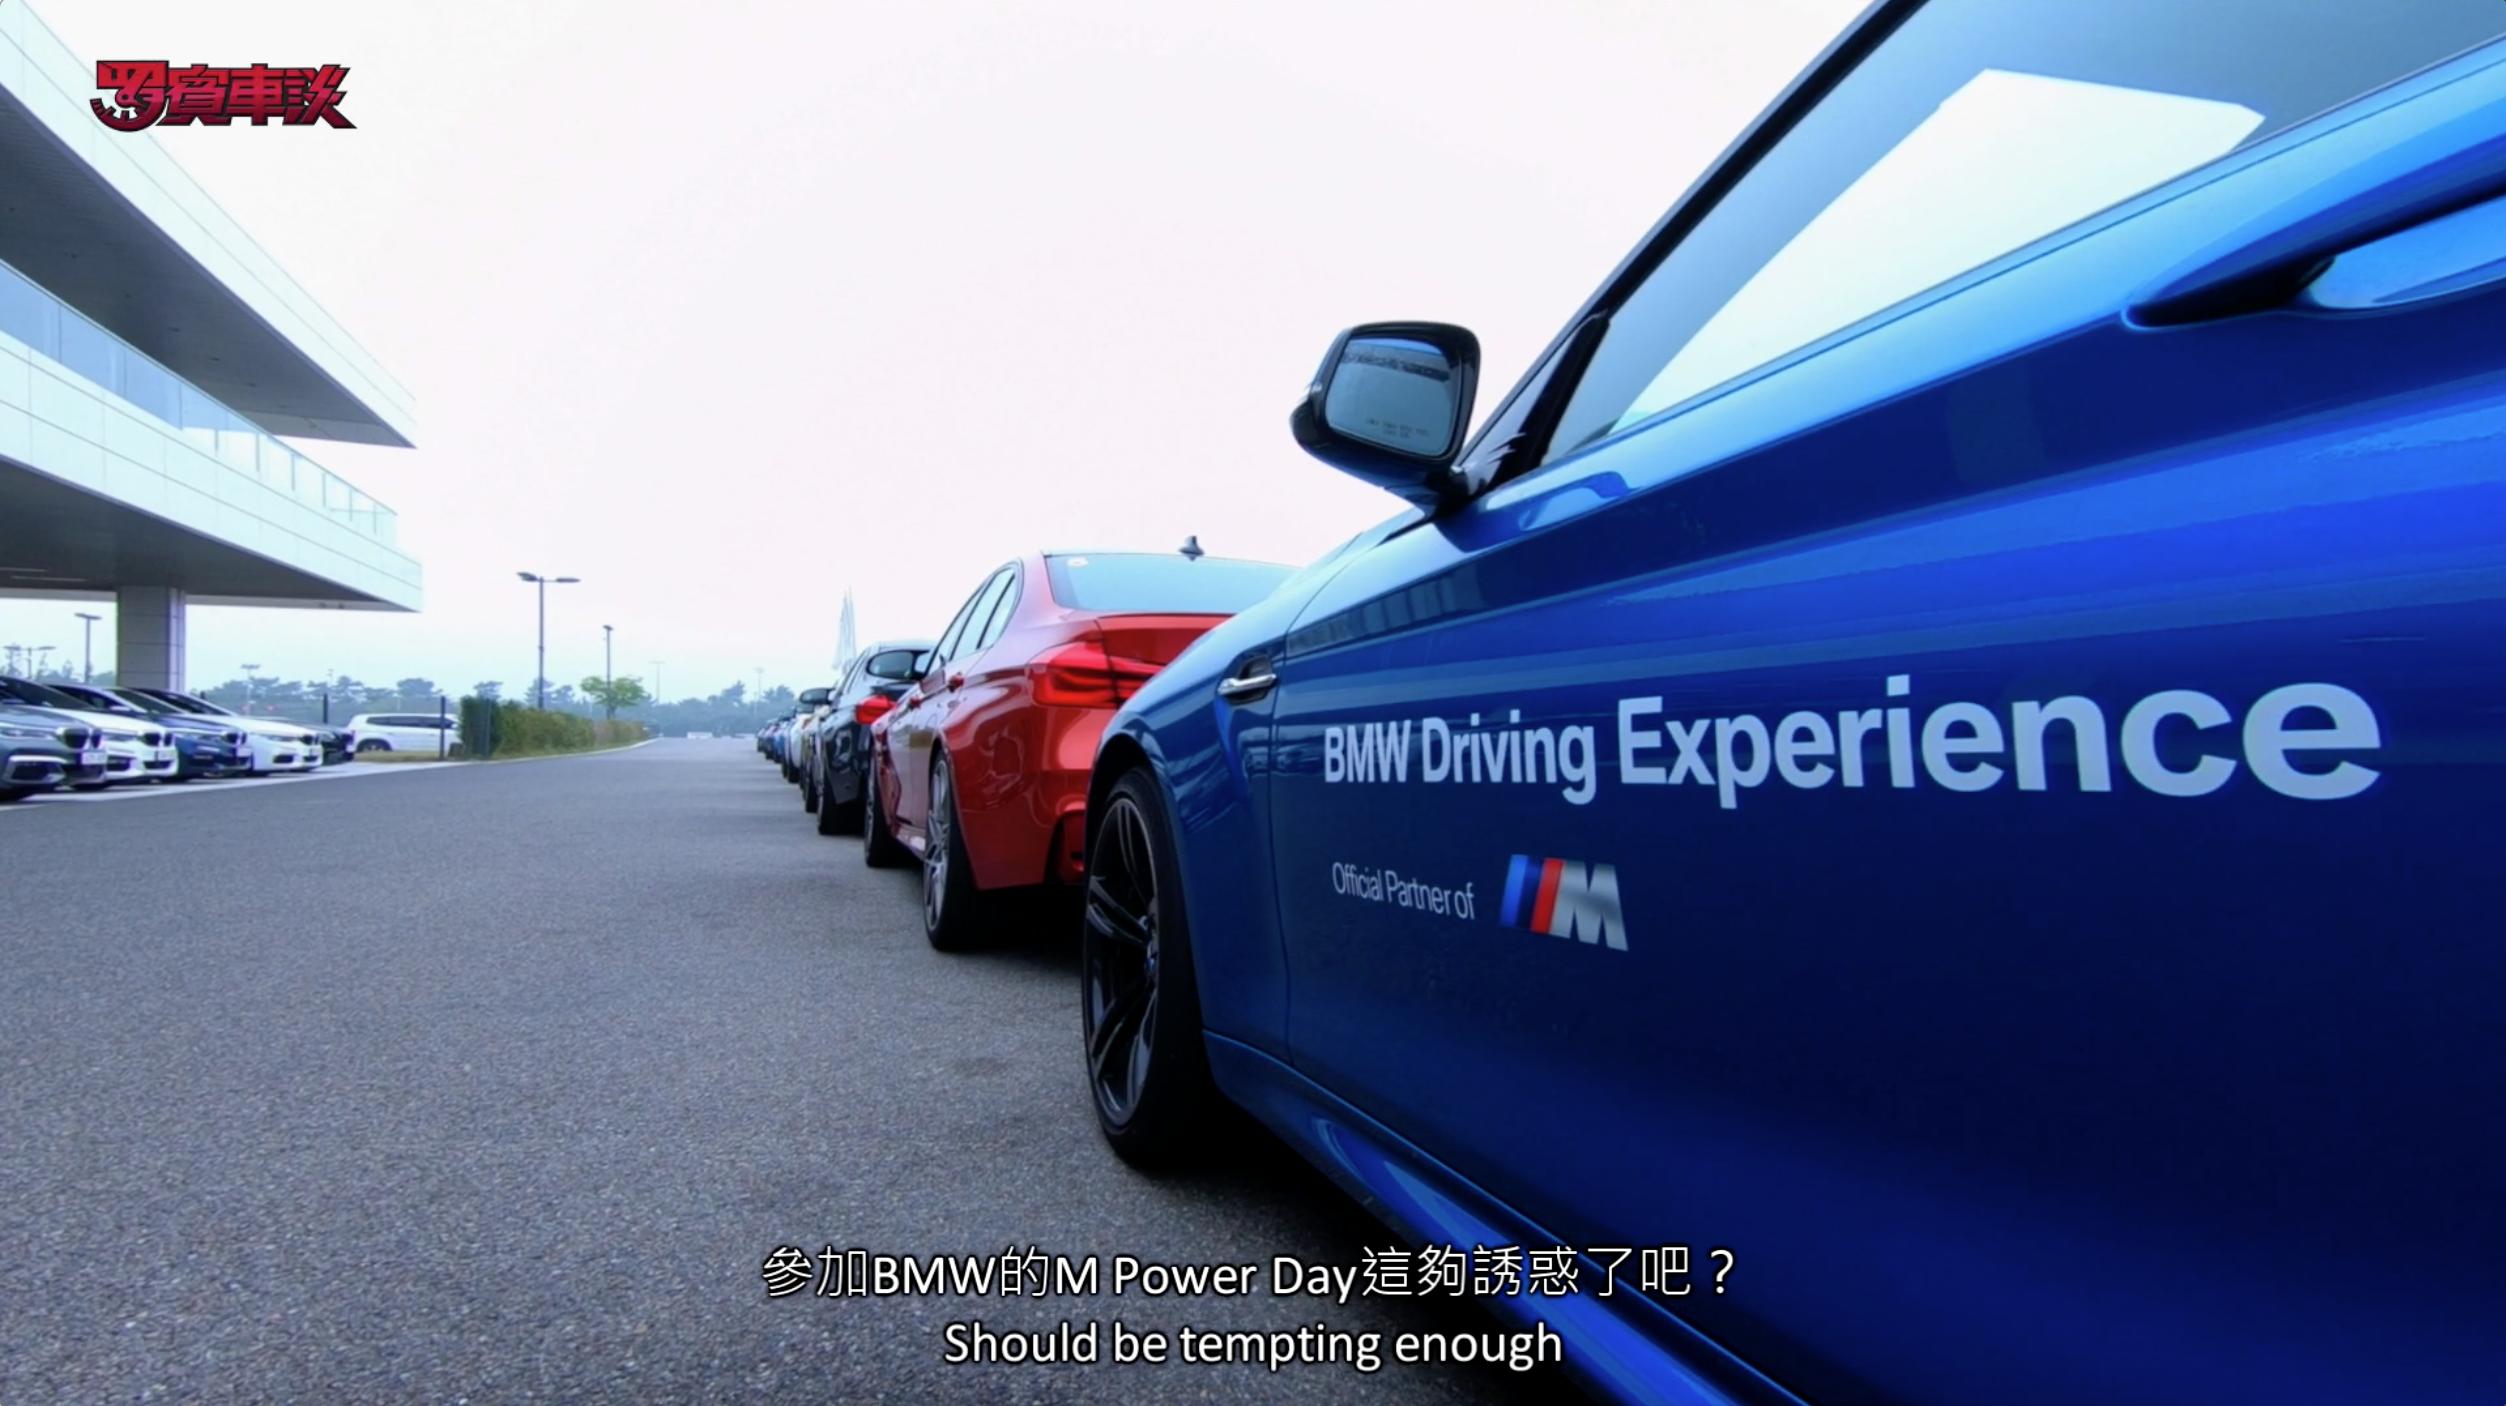 【羅賓車談】一起去韓國參加BMW M Power Day